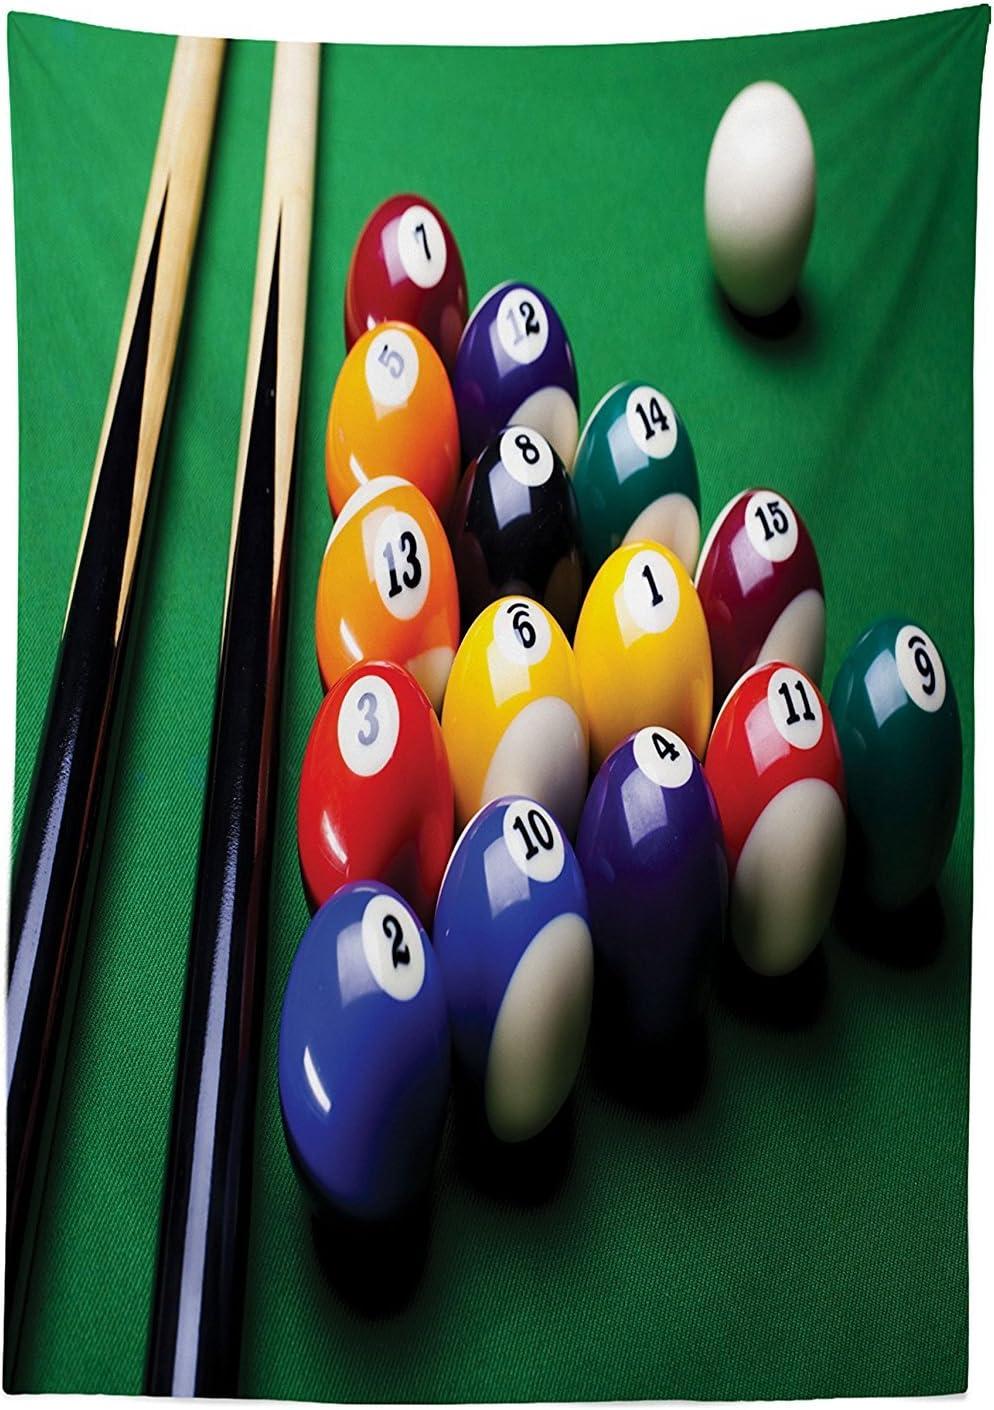 vipsung Manly Decor Mantel arreglo de Bolas de Billar de Billar Snooker Concurso Comienzo Entretenimiento Juego Comedor Cocina Funda para Mesa Rectangular: Amazon.es: Hogar